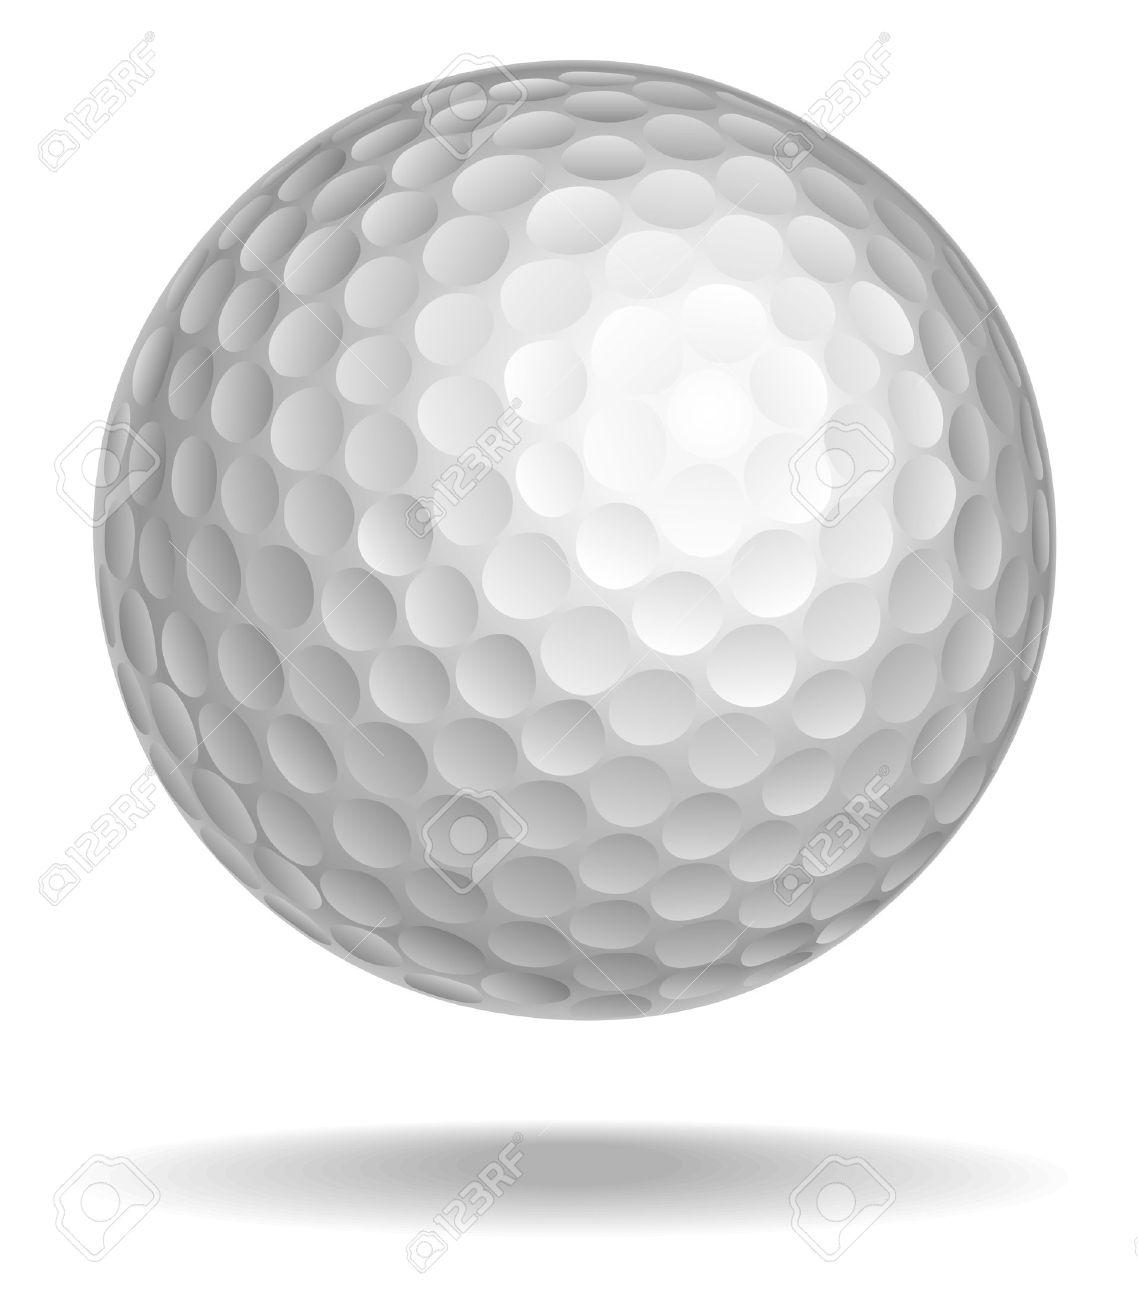 ゴルフ ボールのベクター イラストです。影で白いボール ロイヤリティ